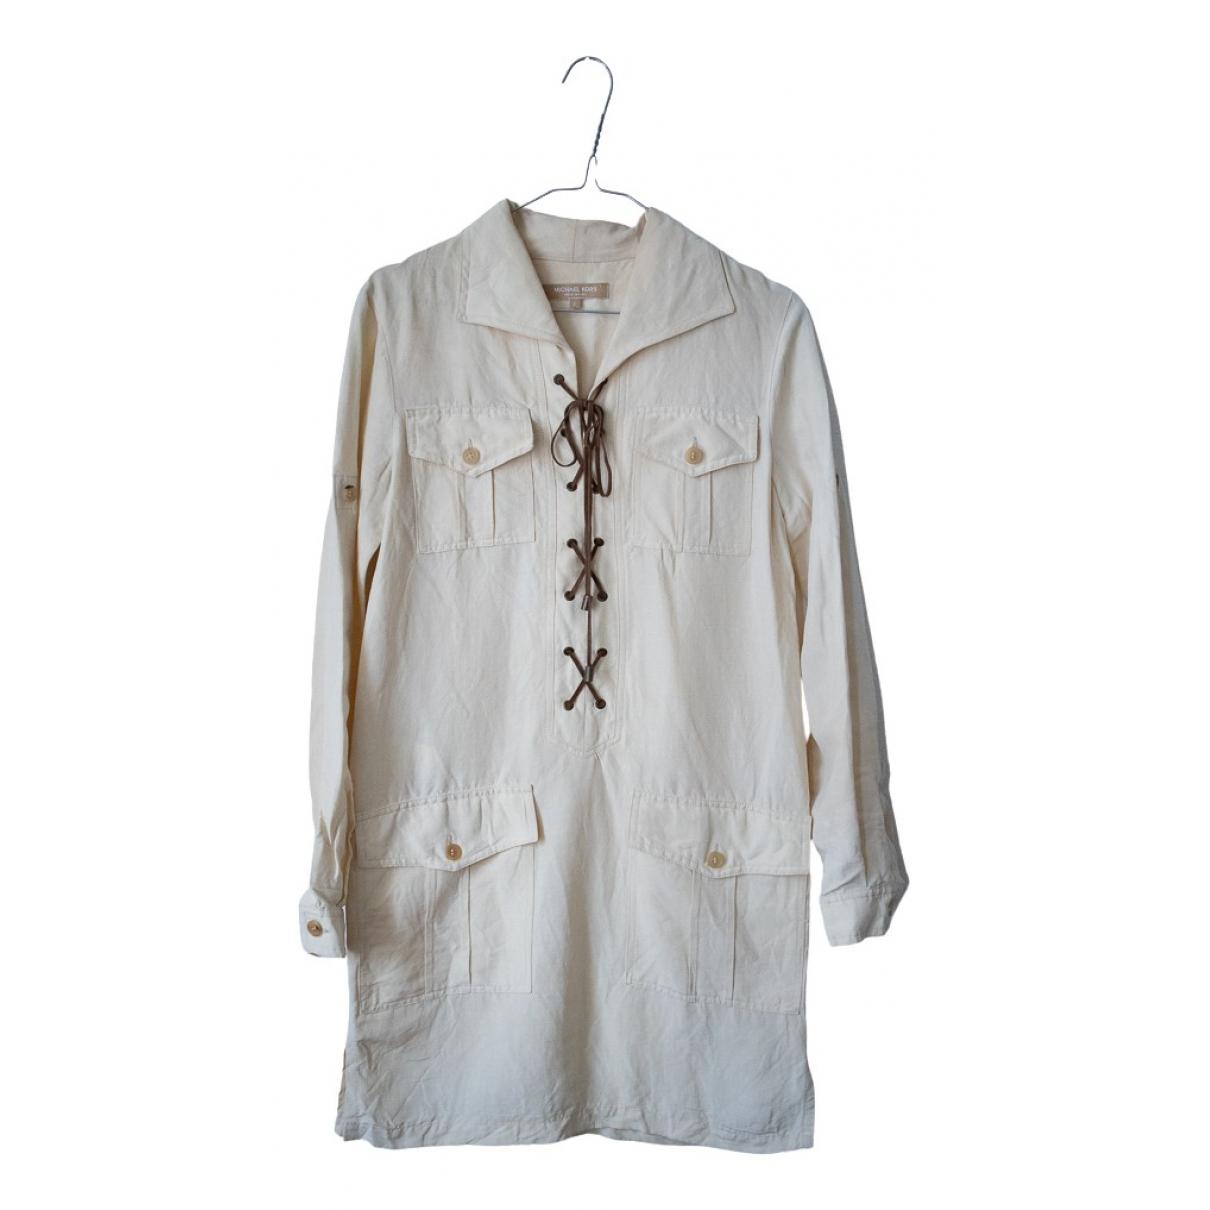 Michael Kors \N Kleid in  Beige Baumwolle